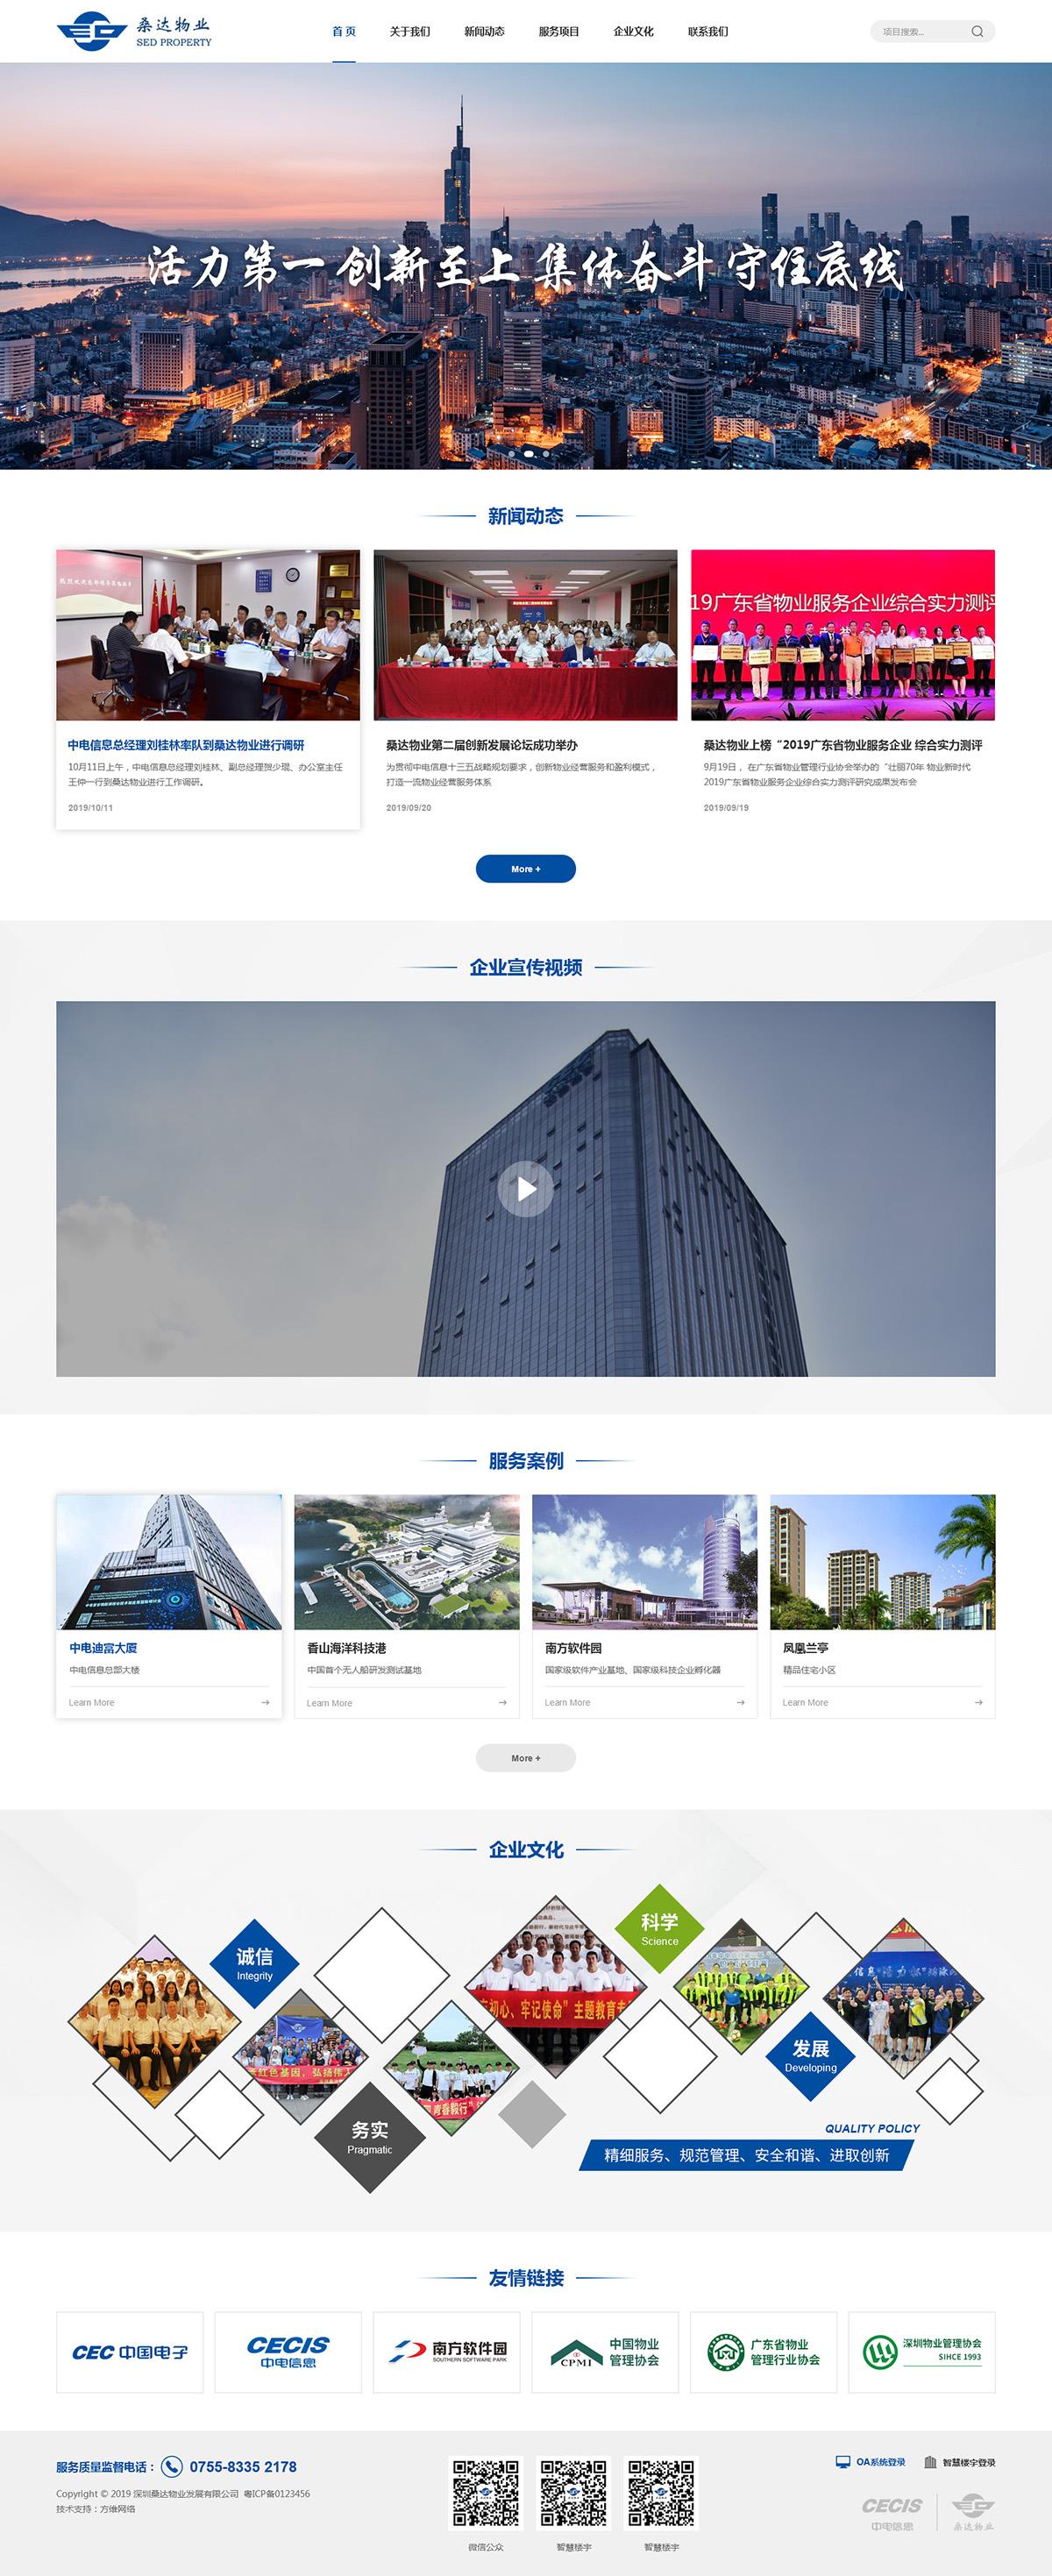 桑达物业网站案例